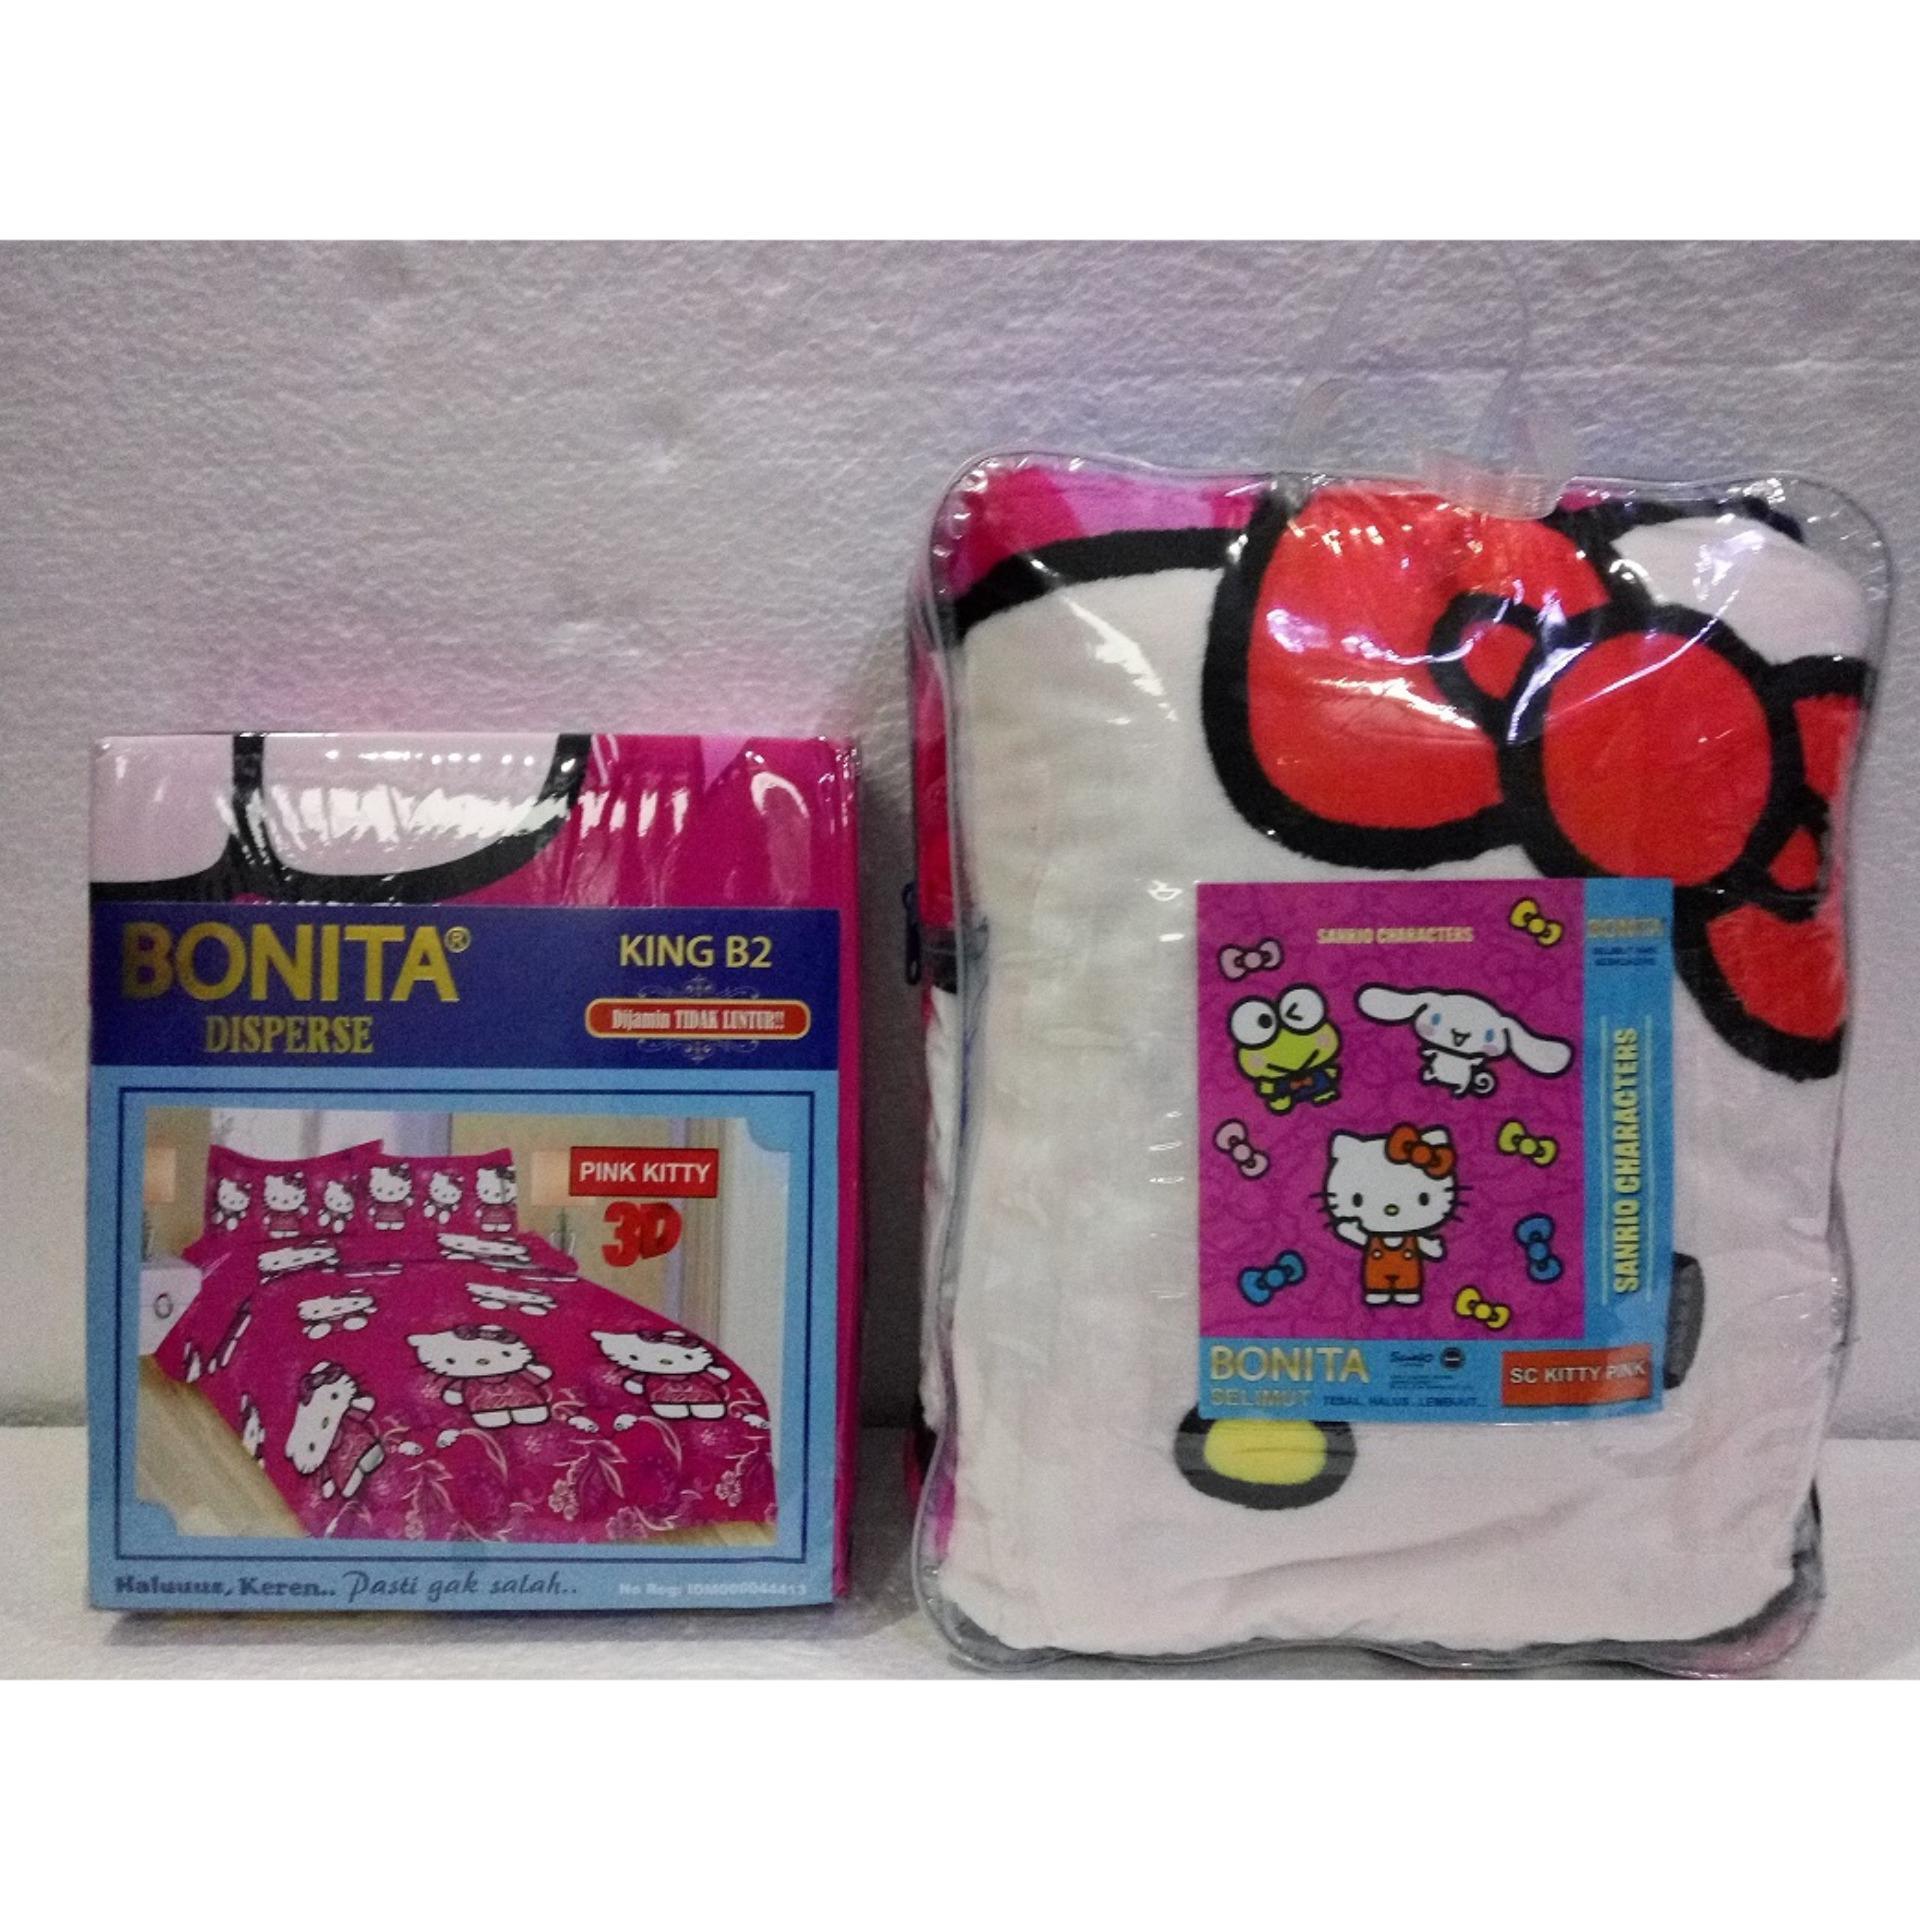 Spesifikasi Couple Sprei Dan Selimut Super Lembut Dan Tebal Merk Bonita Pink Kitty Murah